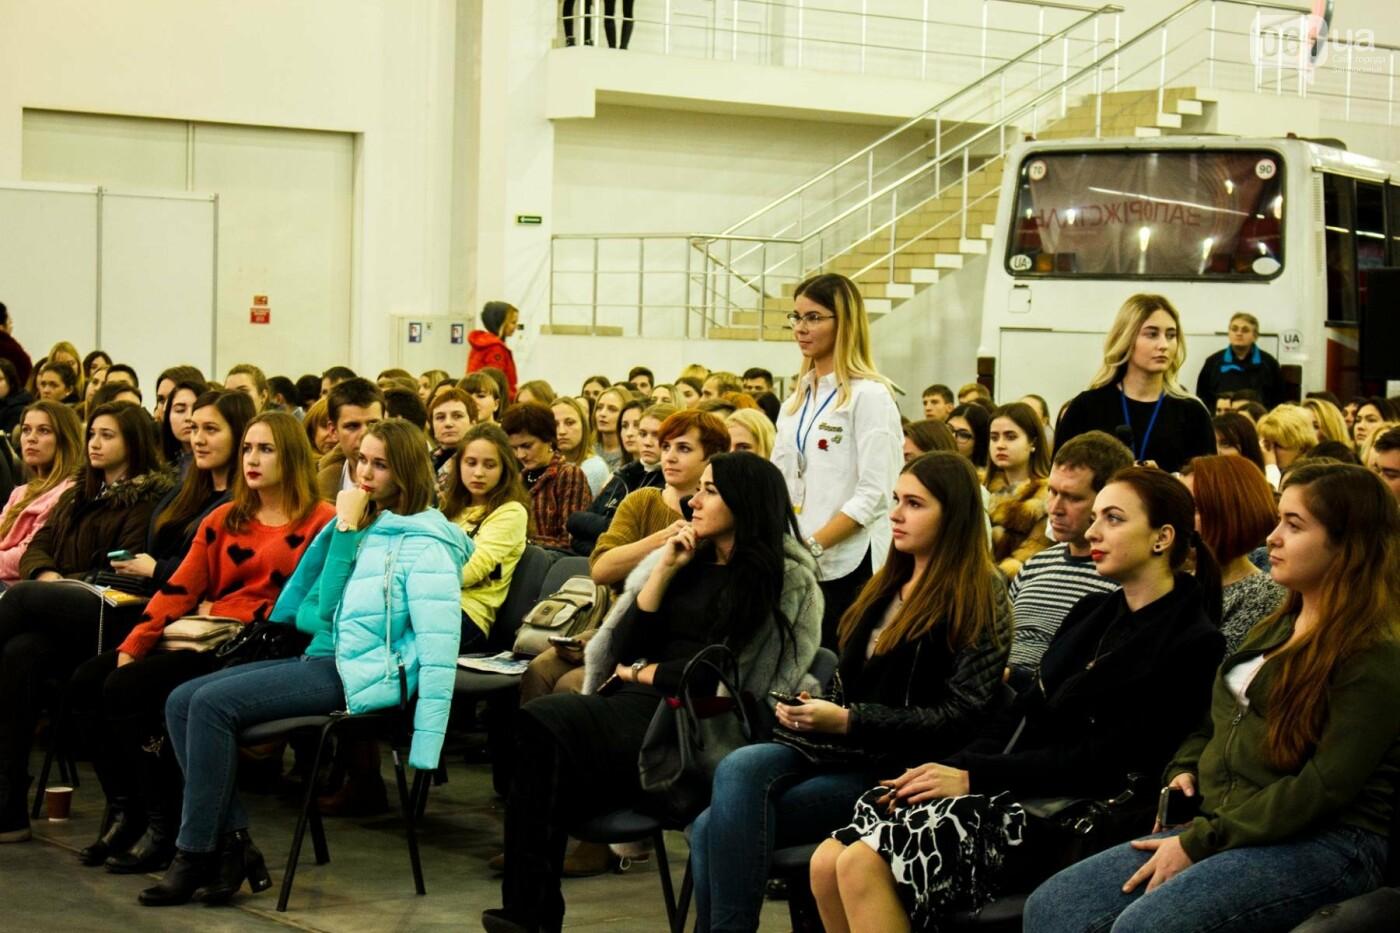 Запорожский Туристический Форум посетила телеведущая Ольга Фреймут, - ФОТОРЕПОРТАЖ, фото-2